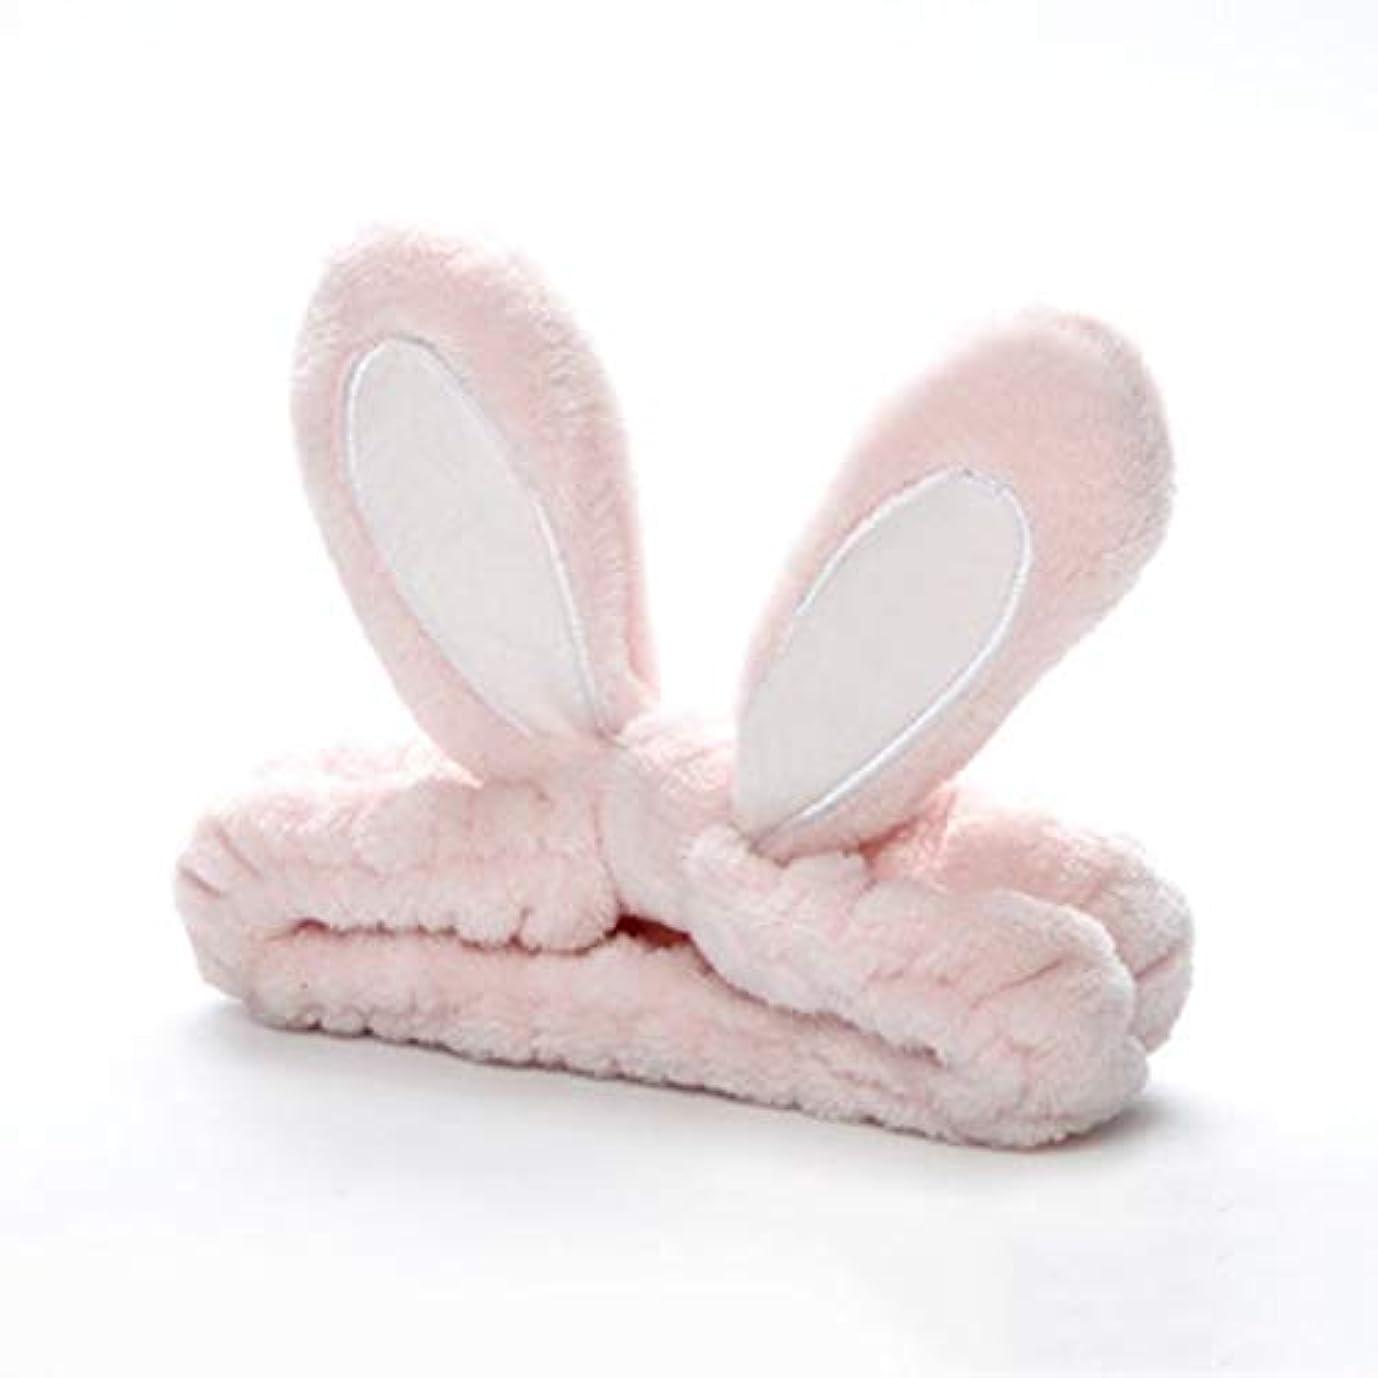 ナプキン密輸お父さんかわいいうさぎ耳帽子洗浄顔とメイクアップ新しくファッションヘッドバンド - ライトピンク